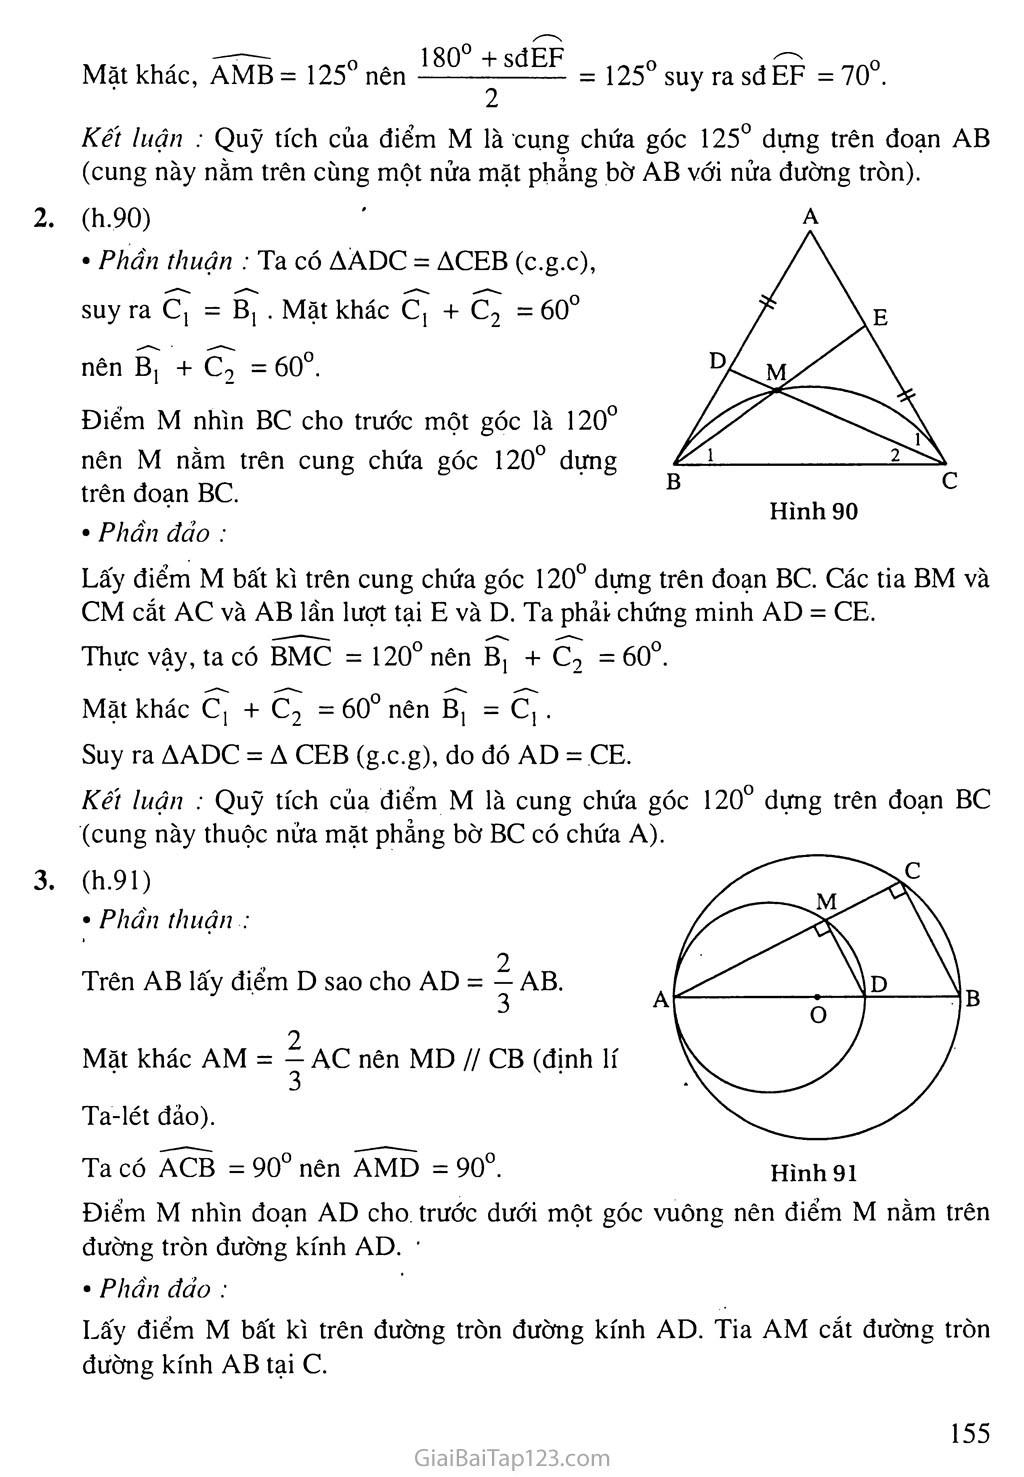 Bài 6. Cung chứa góc trang 8